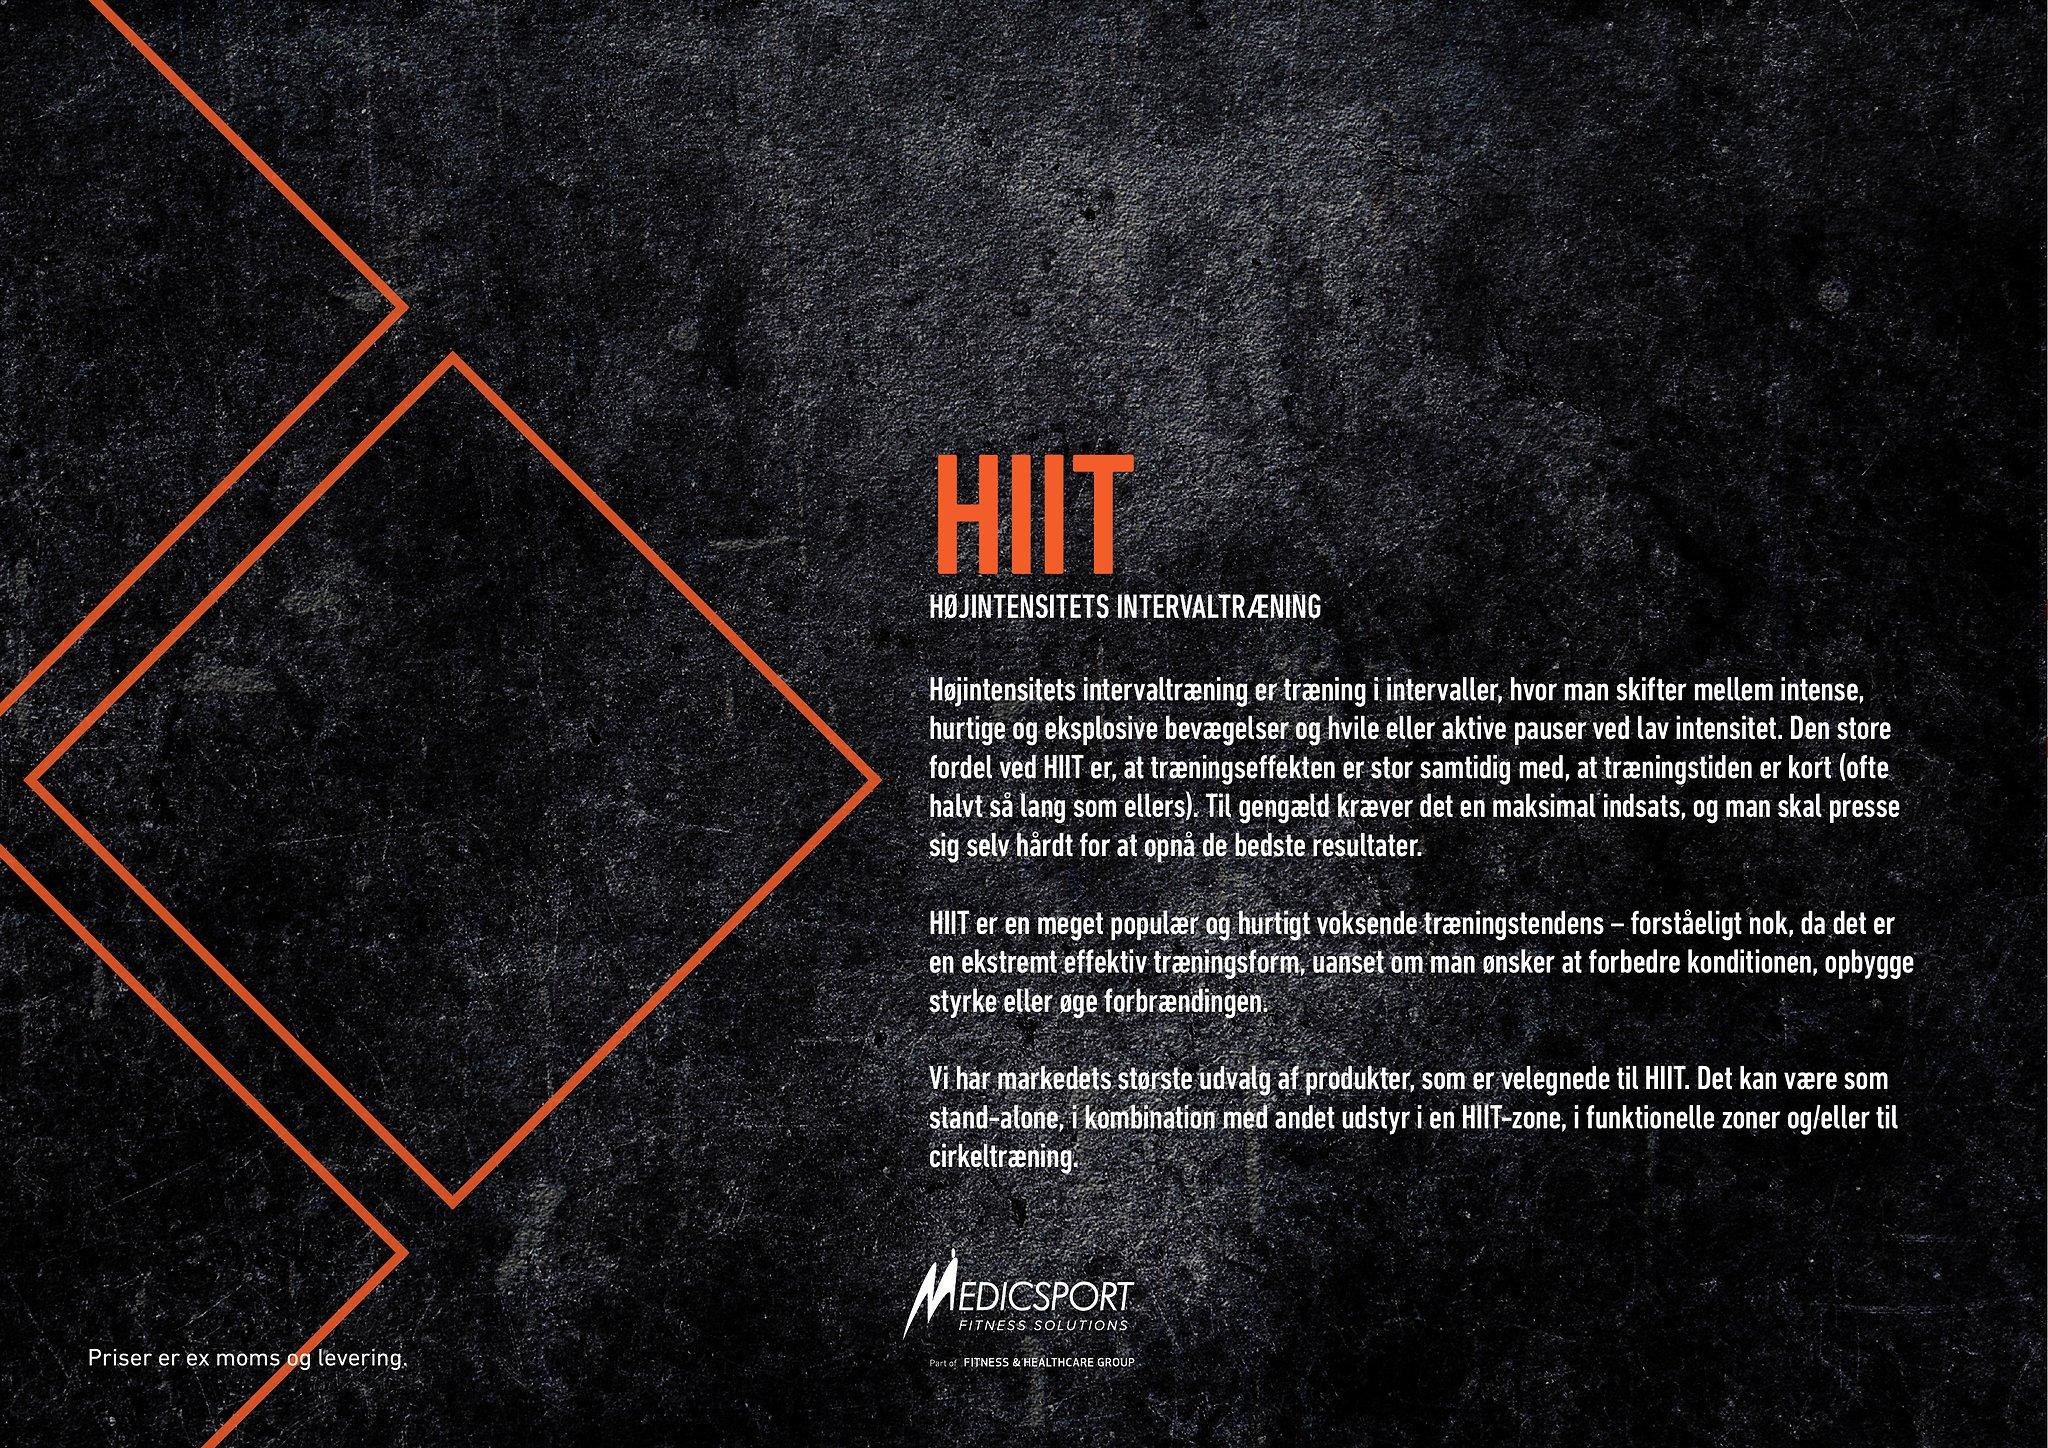 HIIT – MedicSport